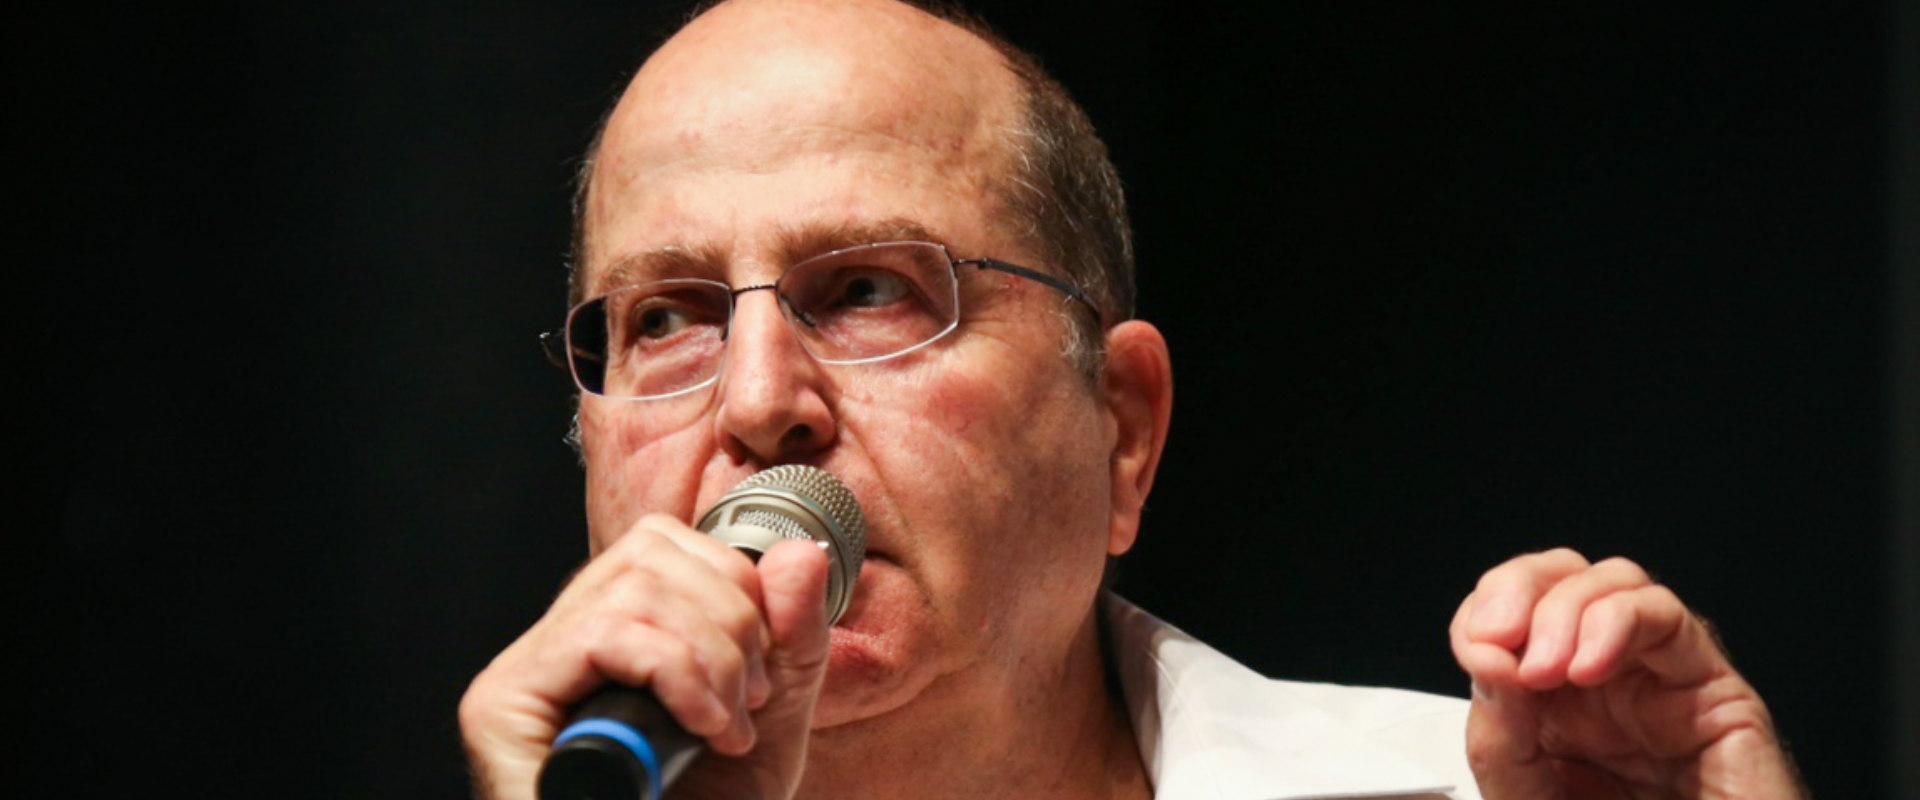 שר הביטחון לשעבר משה בוגי יעלון באירוע שבתרבות בבא